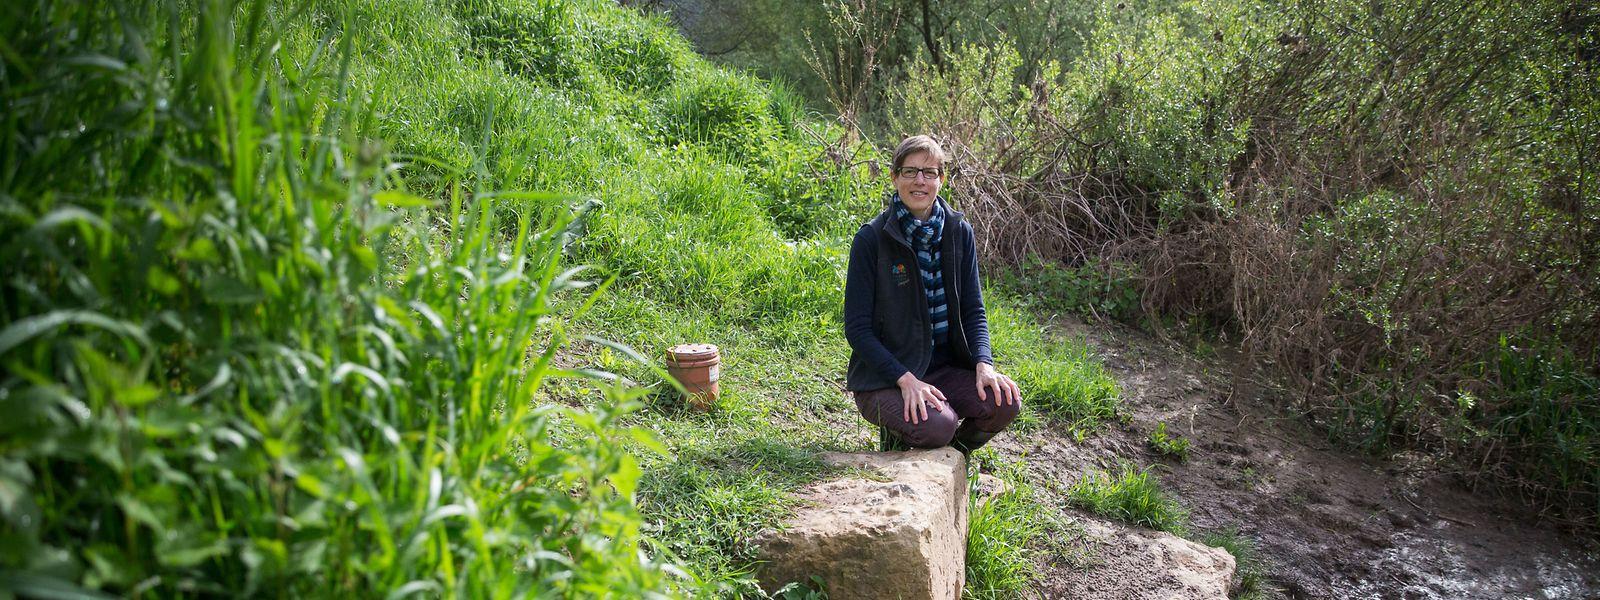 Birgit Kausch, die Geologin des Naturpark Mëllerdall, kennt die Salzquellen.